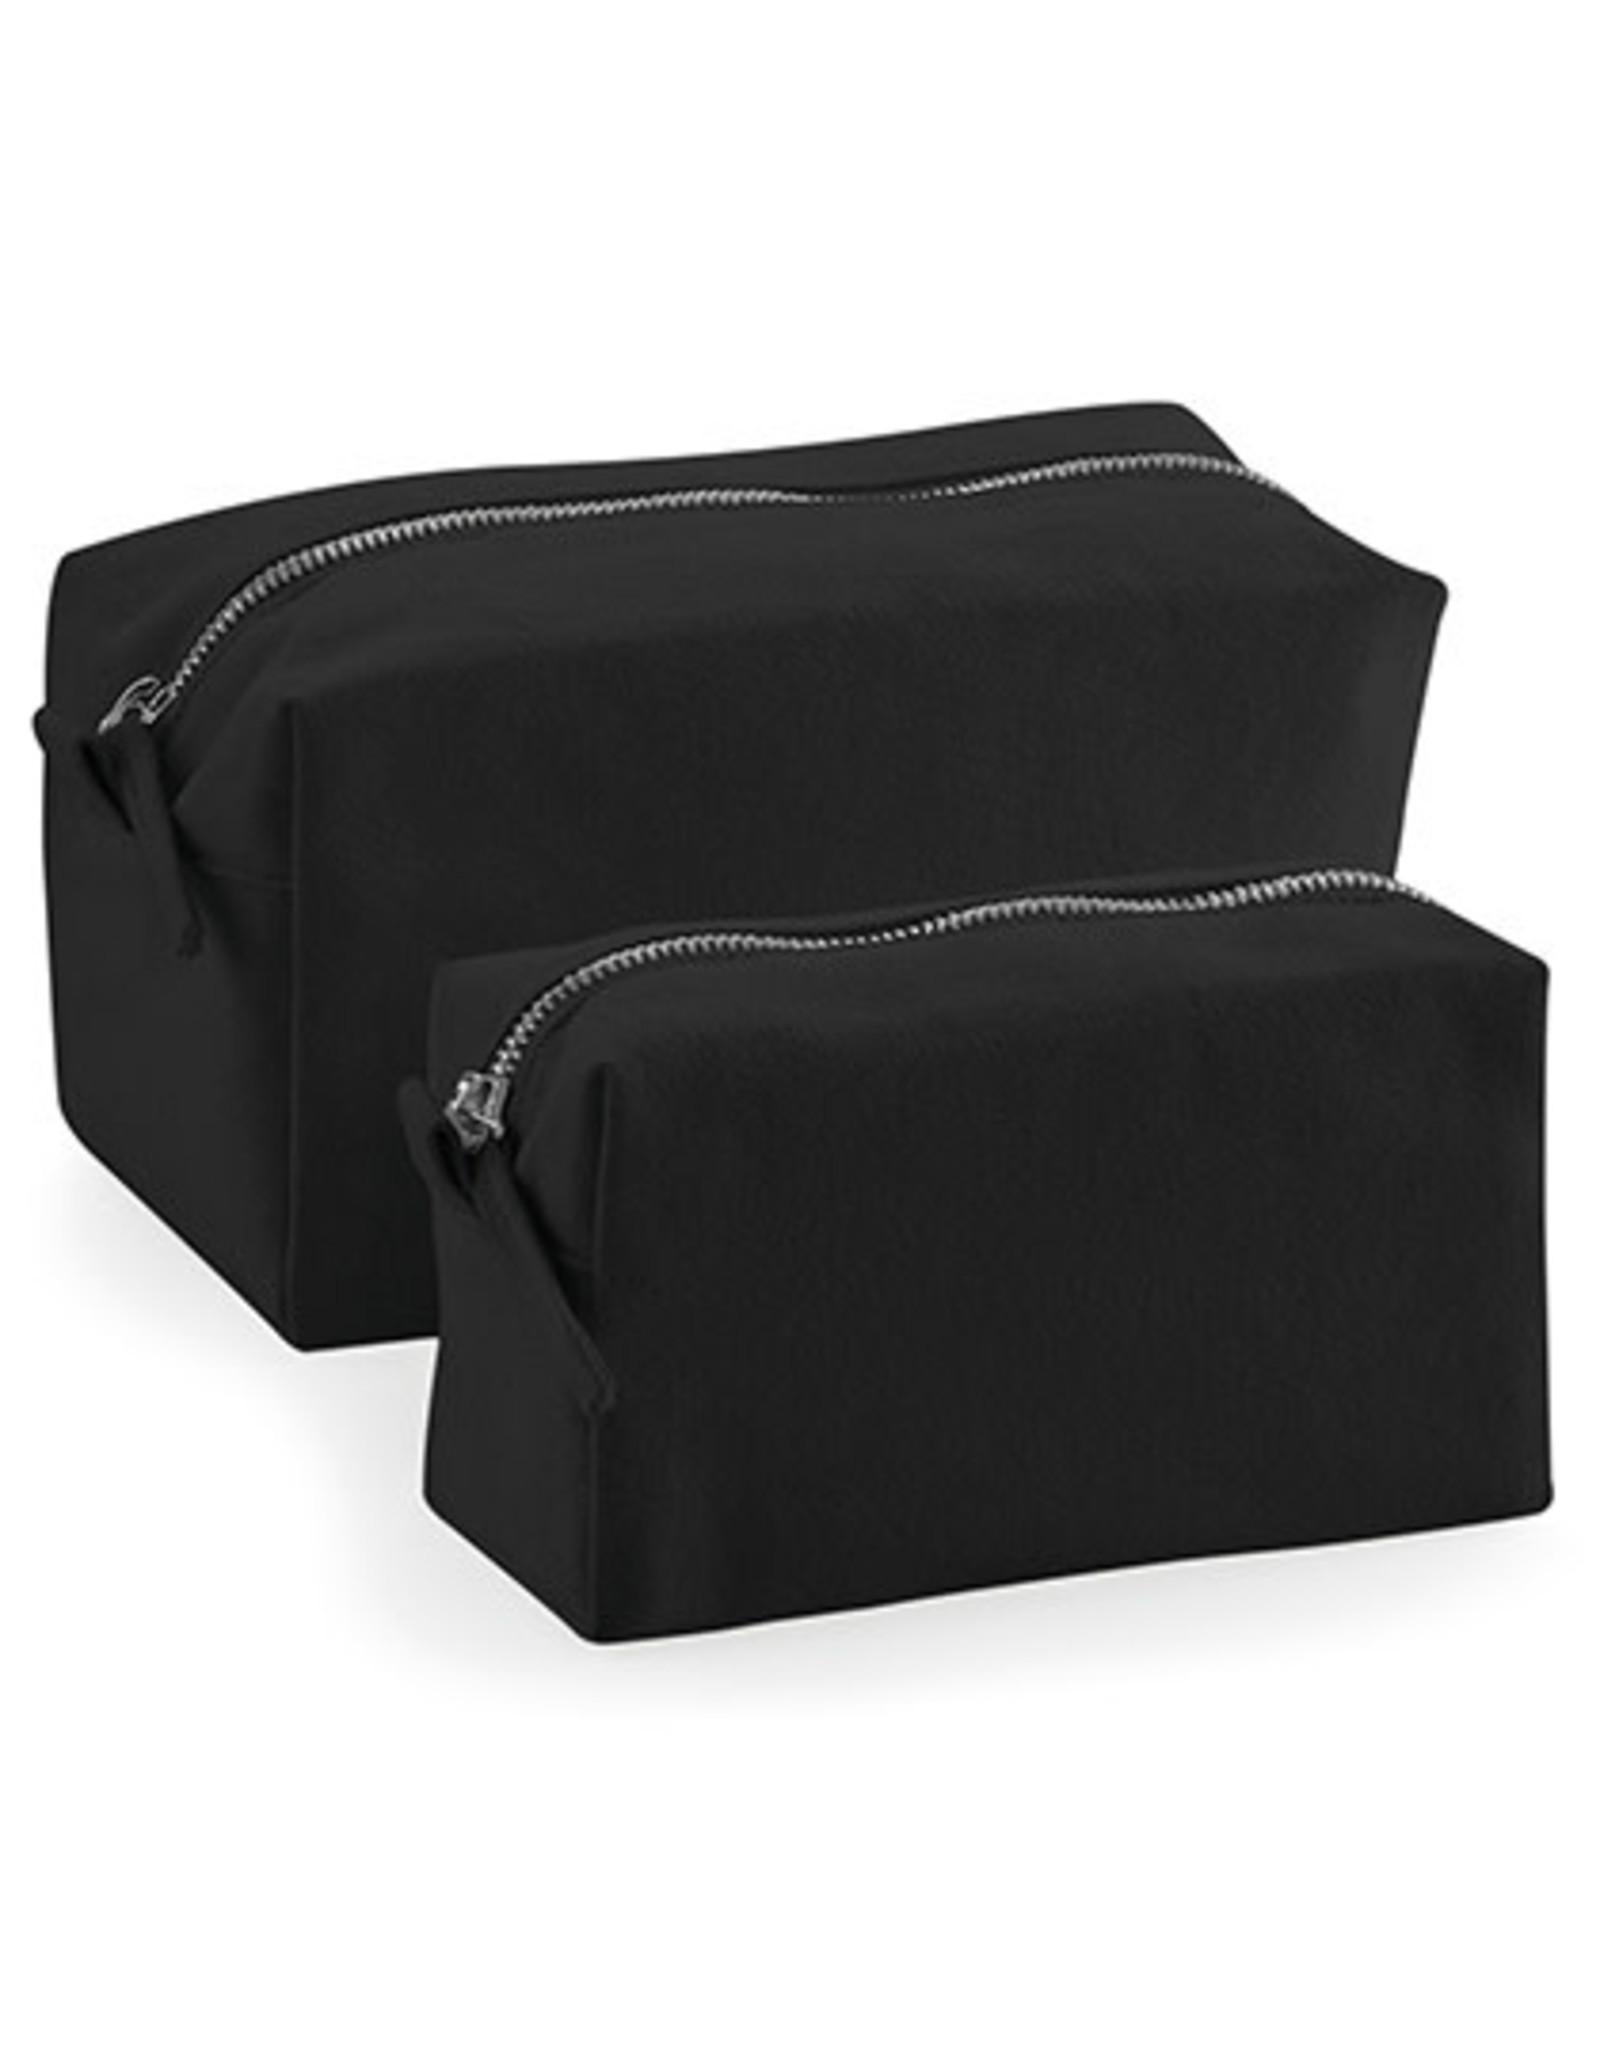 gepersonaliseerd toilettasje zwart S (17x9x7 cm)